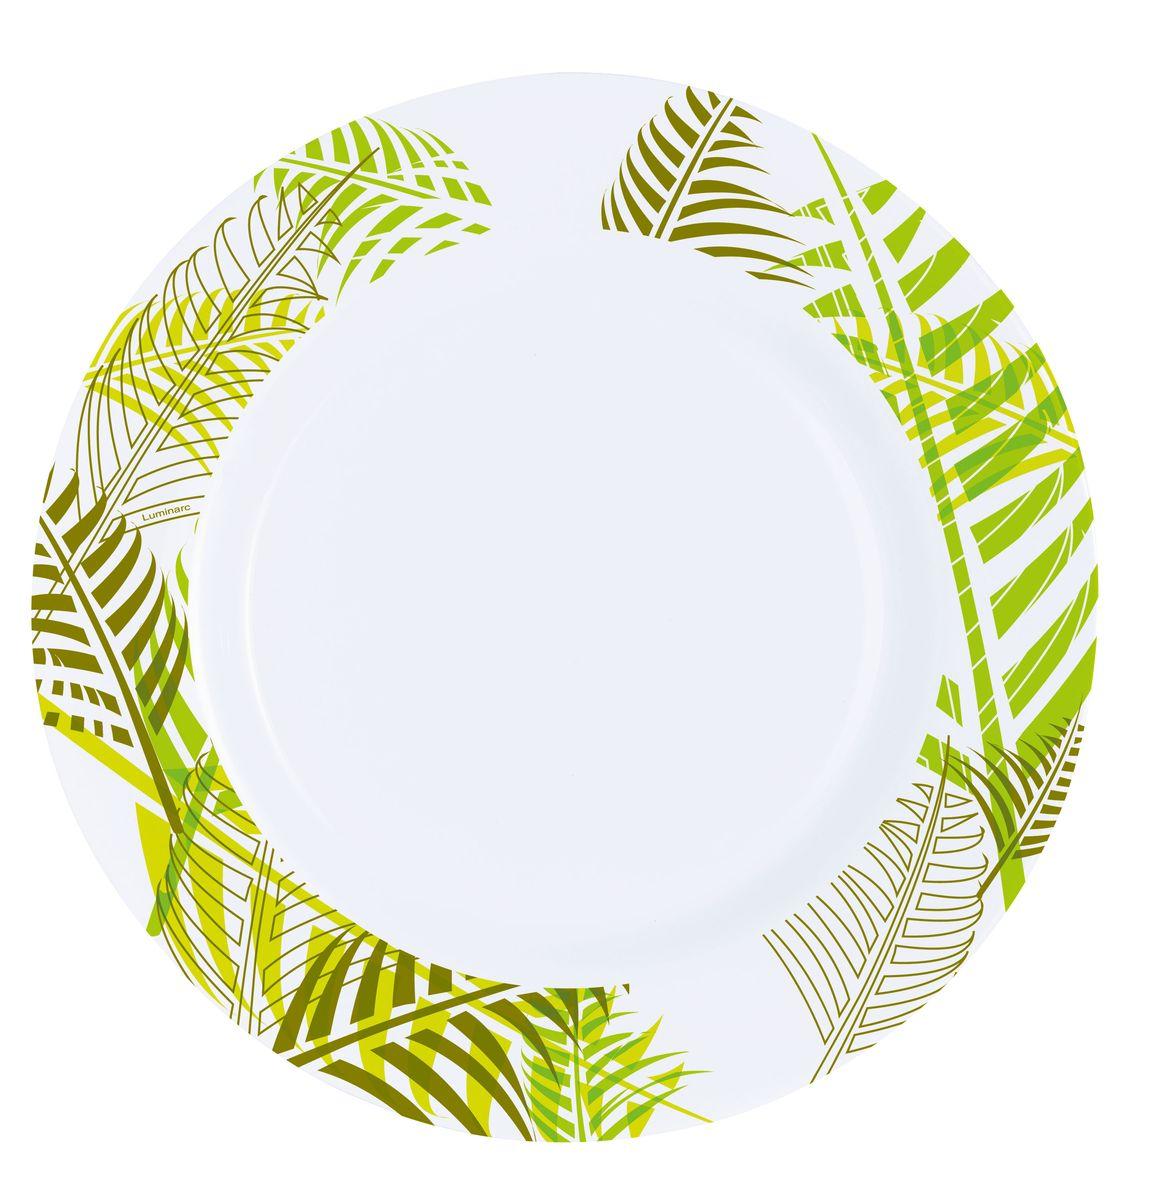 Тарелка обеденная Luminarc Green Forest, диаметр 26,5 смH7239Обеденная тарелка Luminarc Green Forest, изготовленная из ударопрочного стекла, декорирована оригинальным орнаментом в виде листьев. Такая тарелка прекрасно подходит как для торжественных случаев, так и для повседневного использования. Идеальна для подачи вторых блюд. Она прекрасно оформит стол и станет отличным дополнением к вашей коллекции кухонной посуды. Можно использовать в СВЧ и мыть в посудомоечной машине.